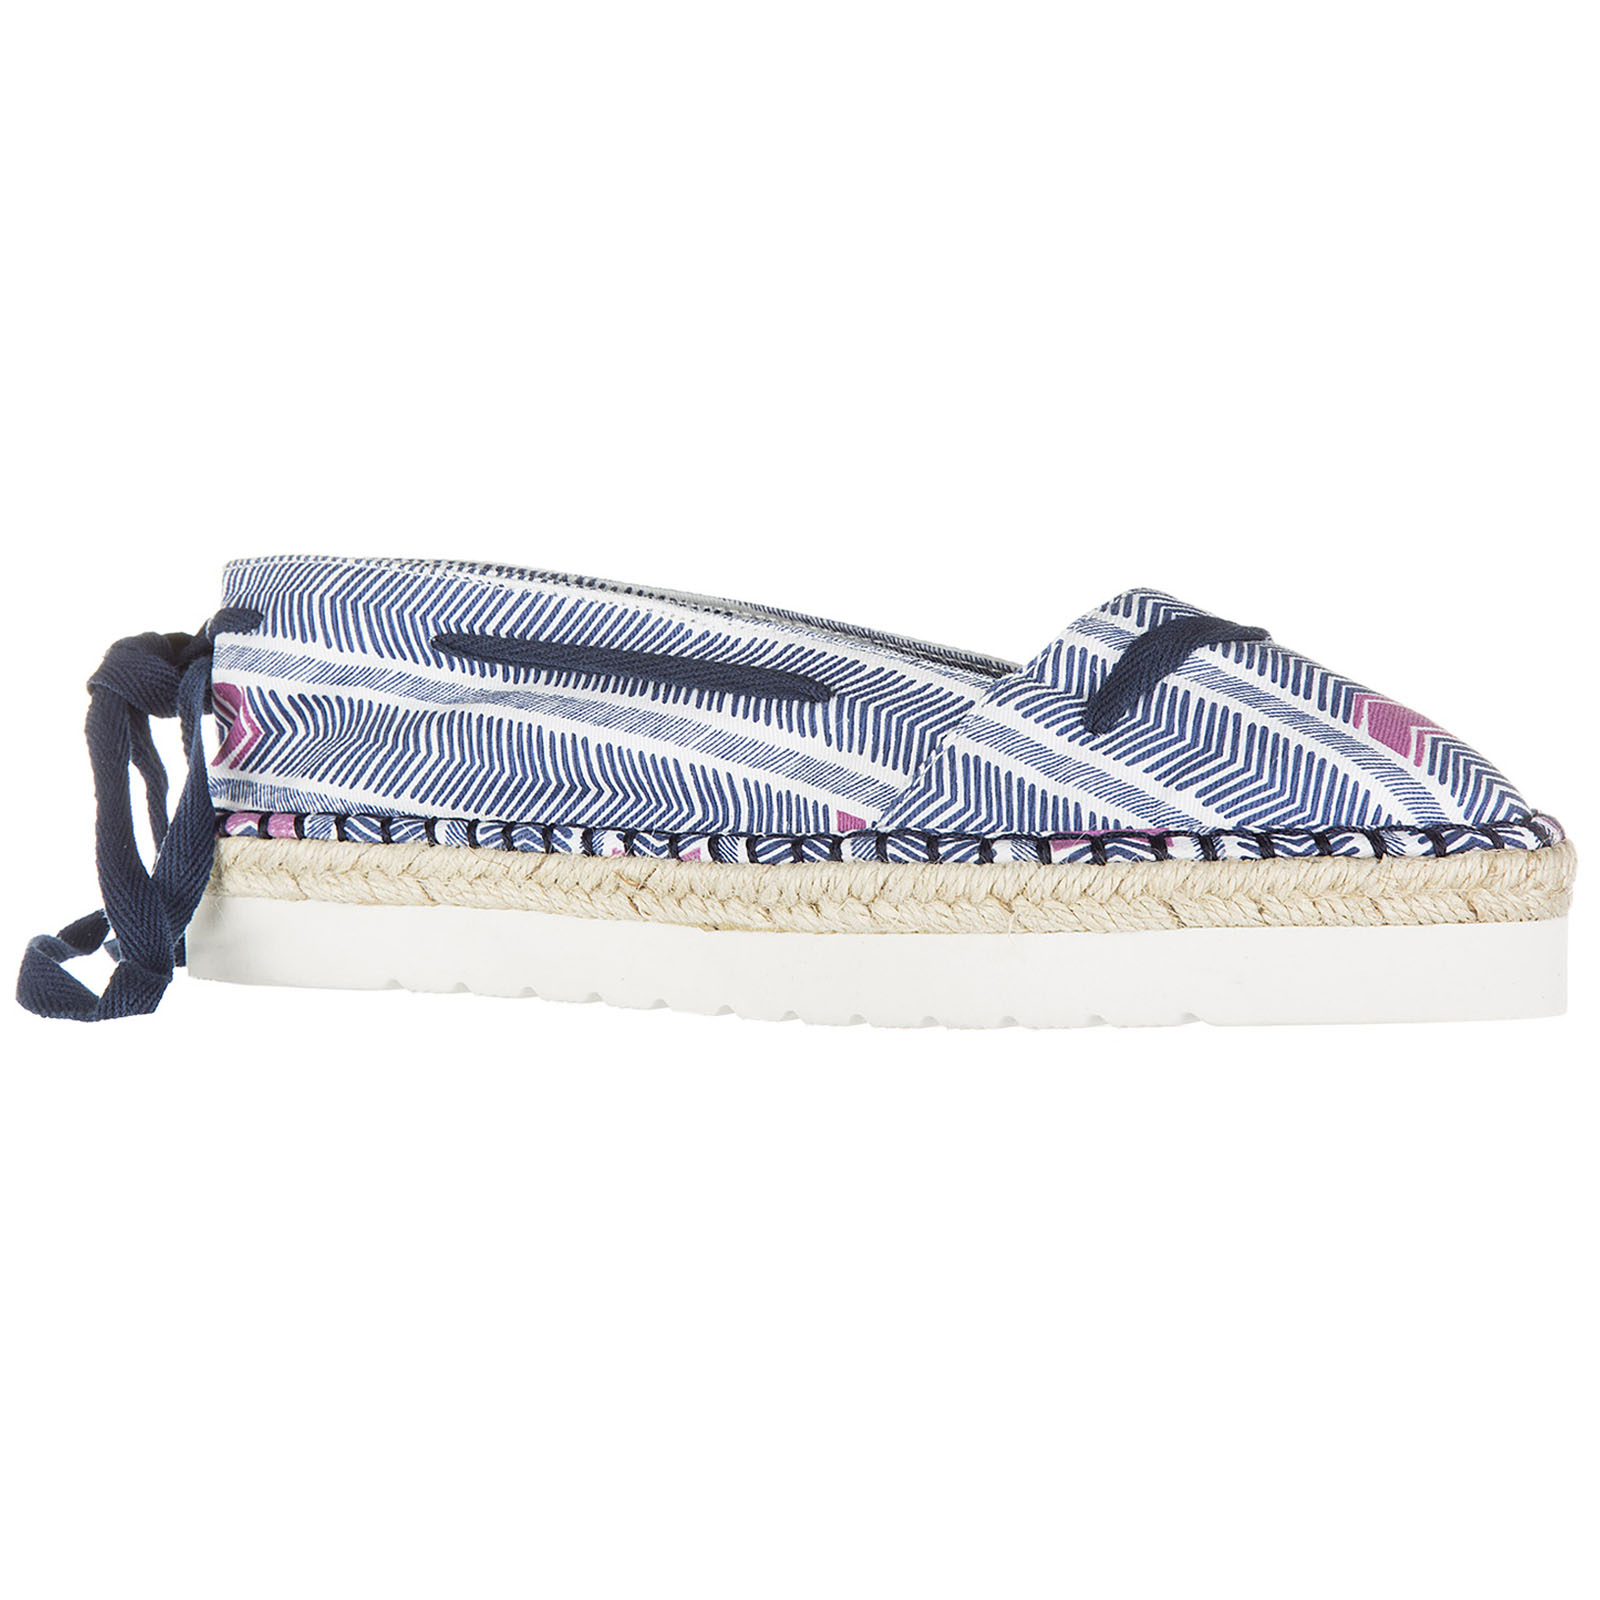 Women's cotton espadrilles slip on shoes mykonos